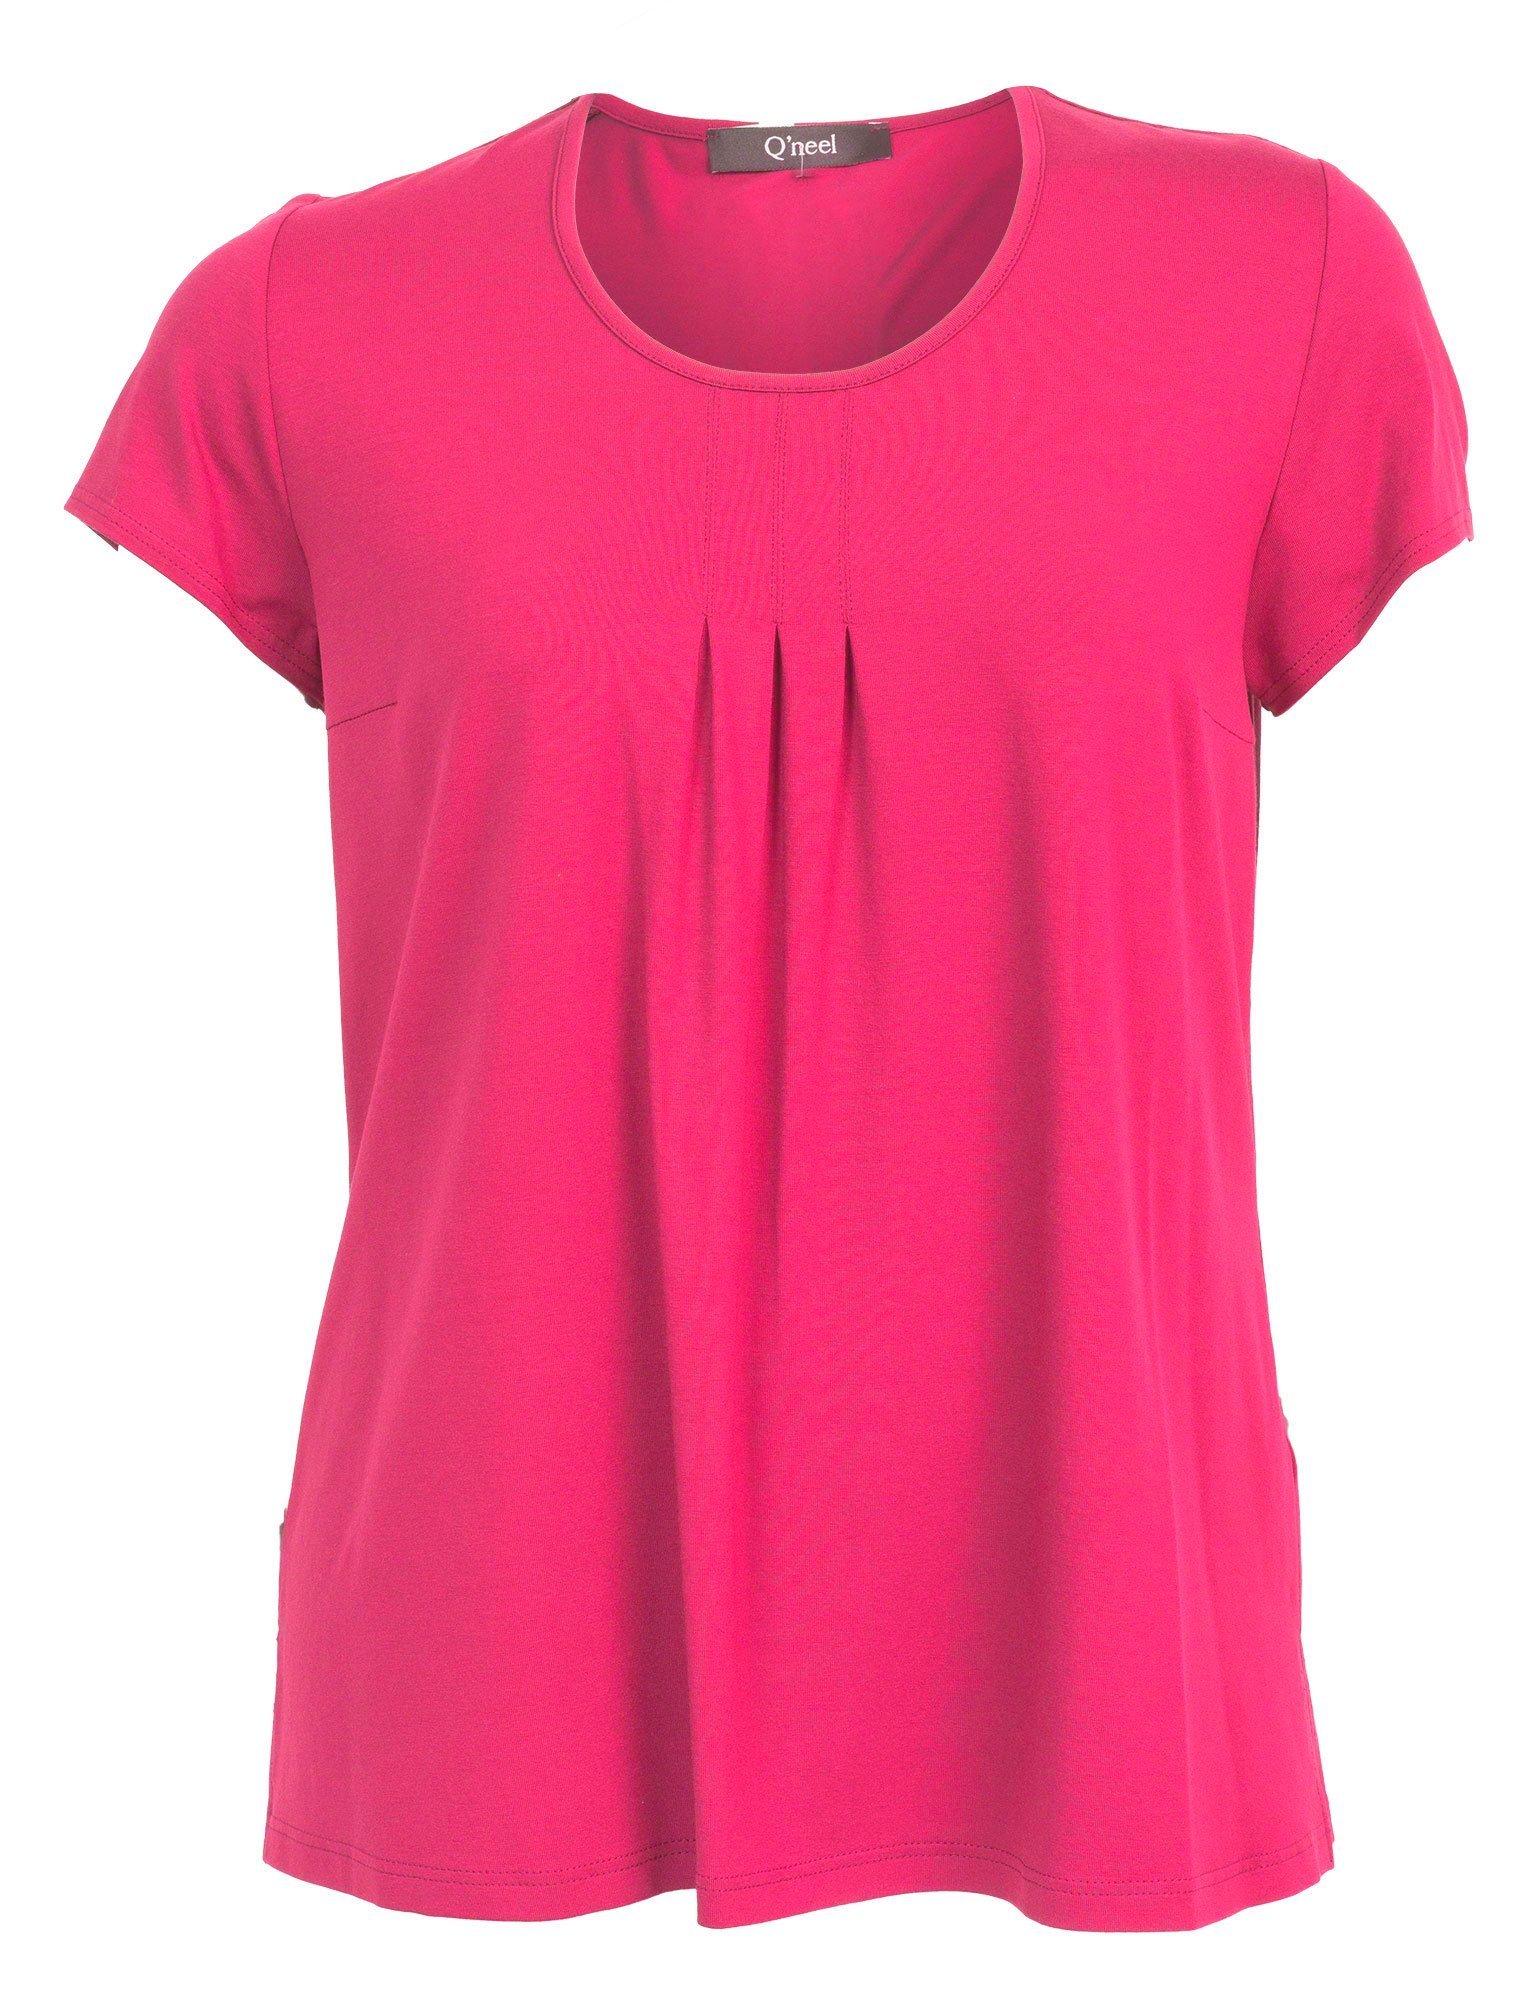 Basis t-shirt i flot pink farve